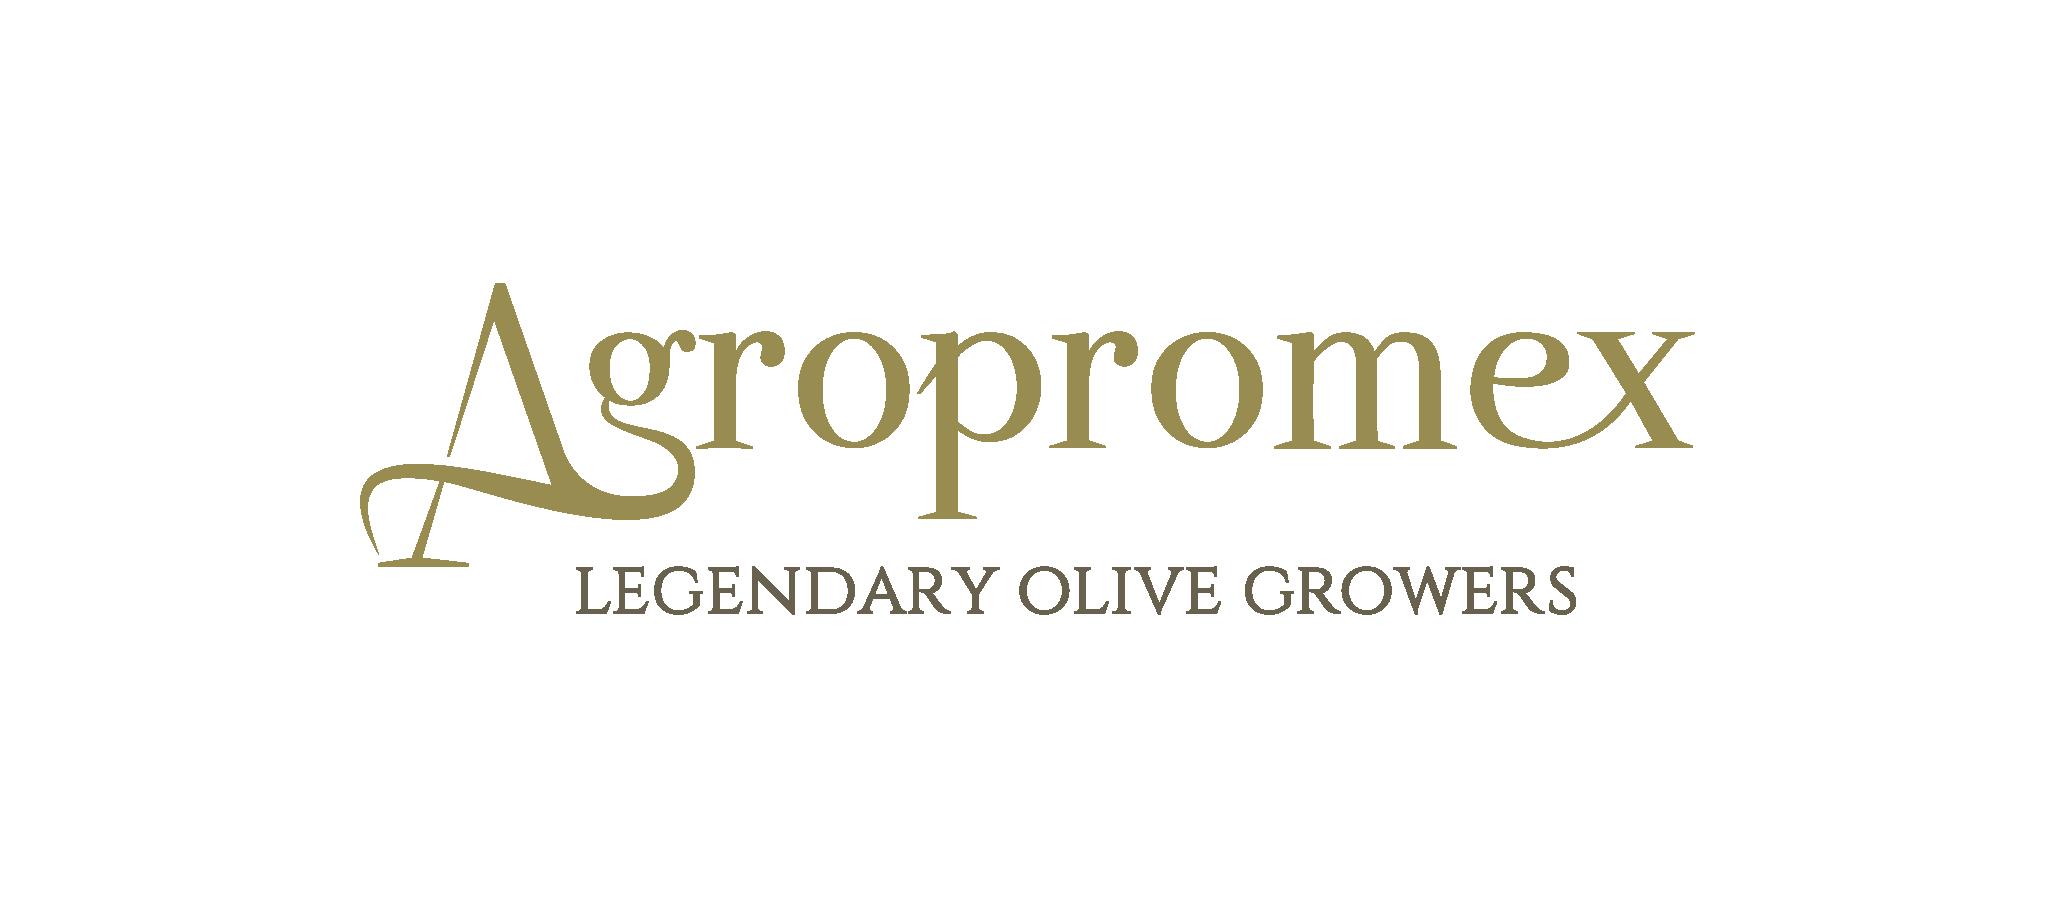 Diseño de marca AgroPromex por MODO3